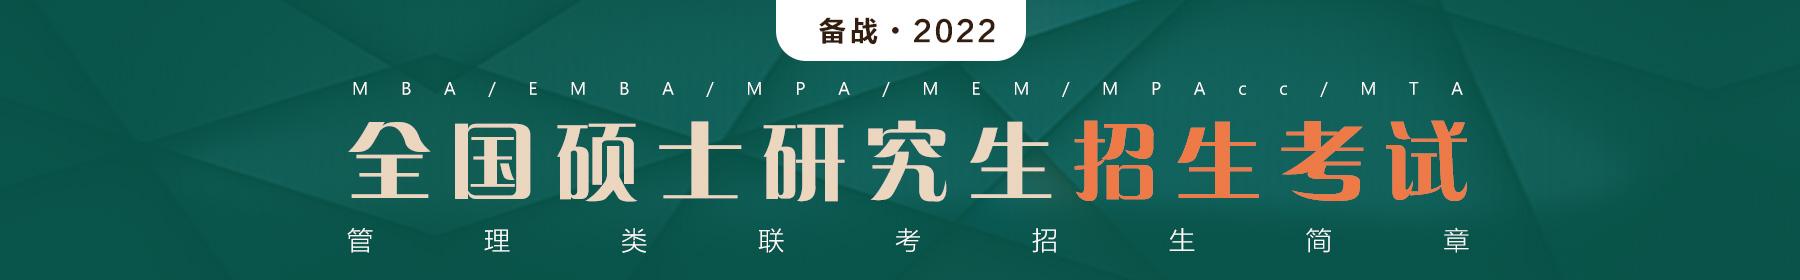 上海硕士研究生招生